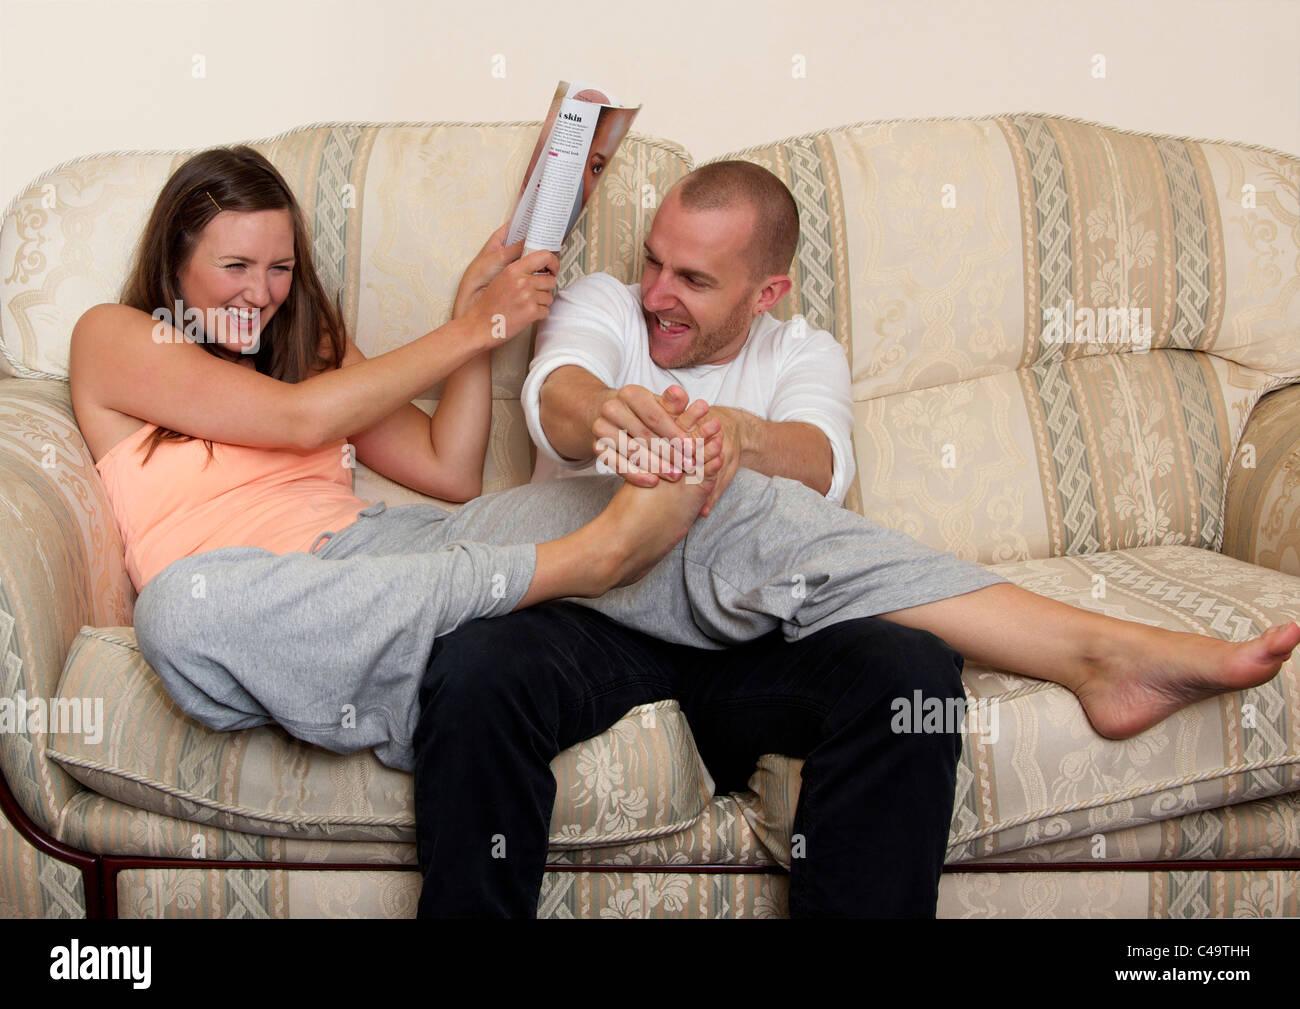 Tickling womens feet